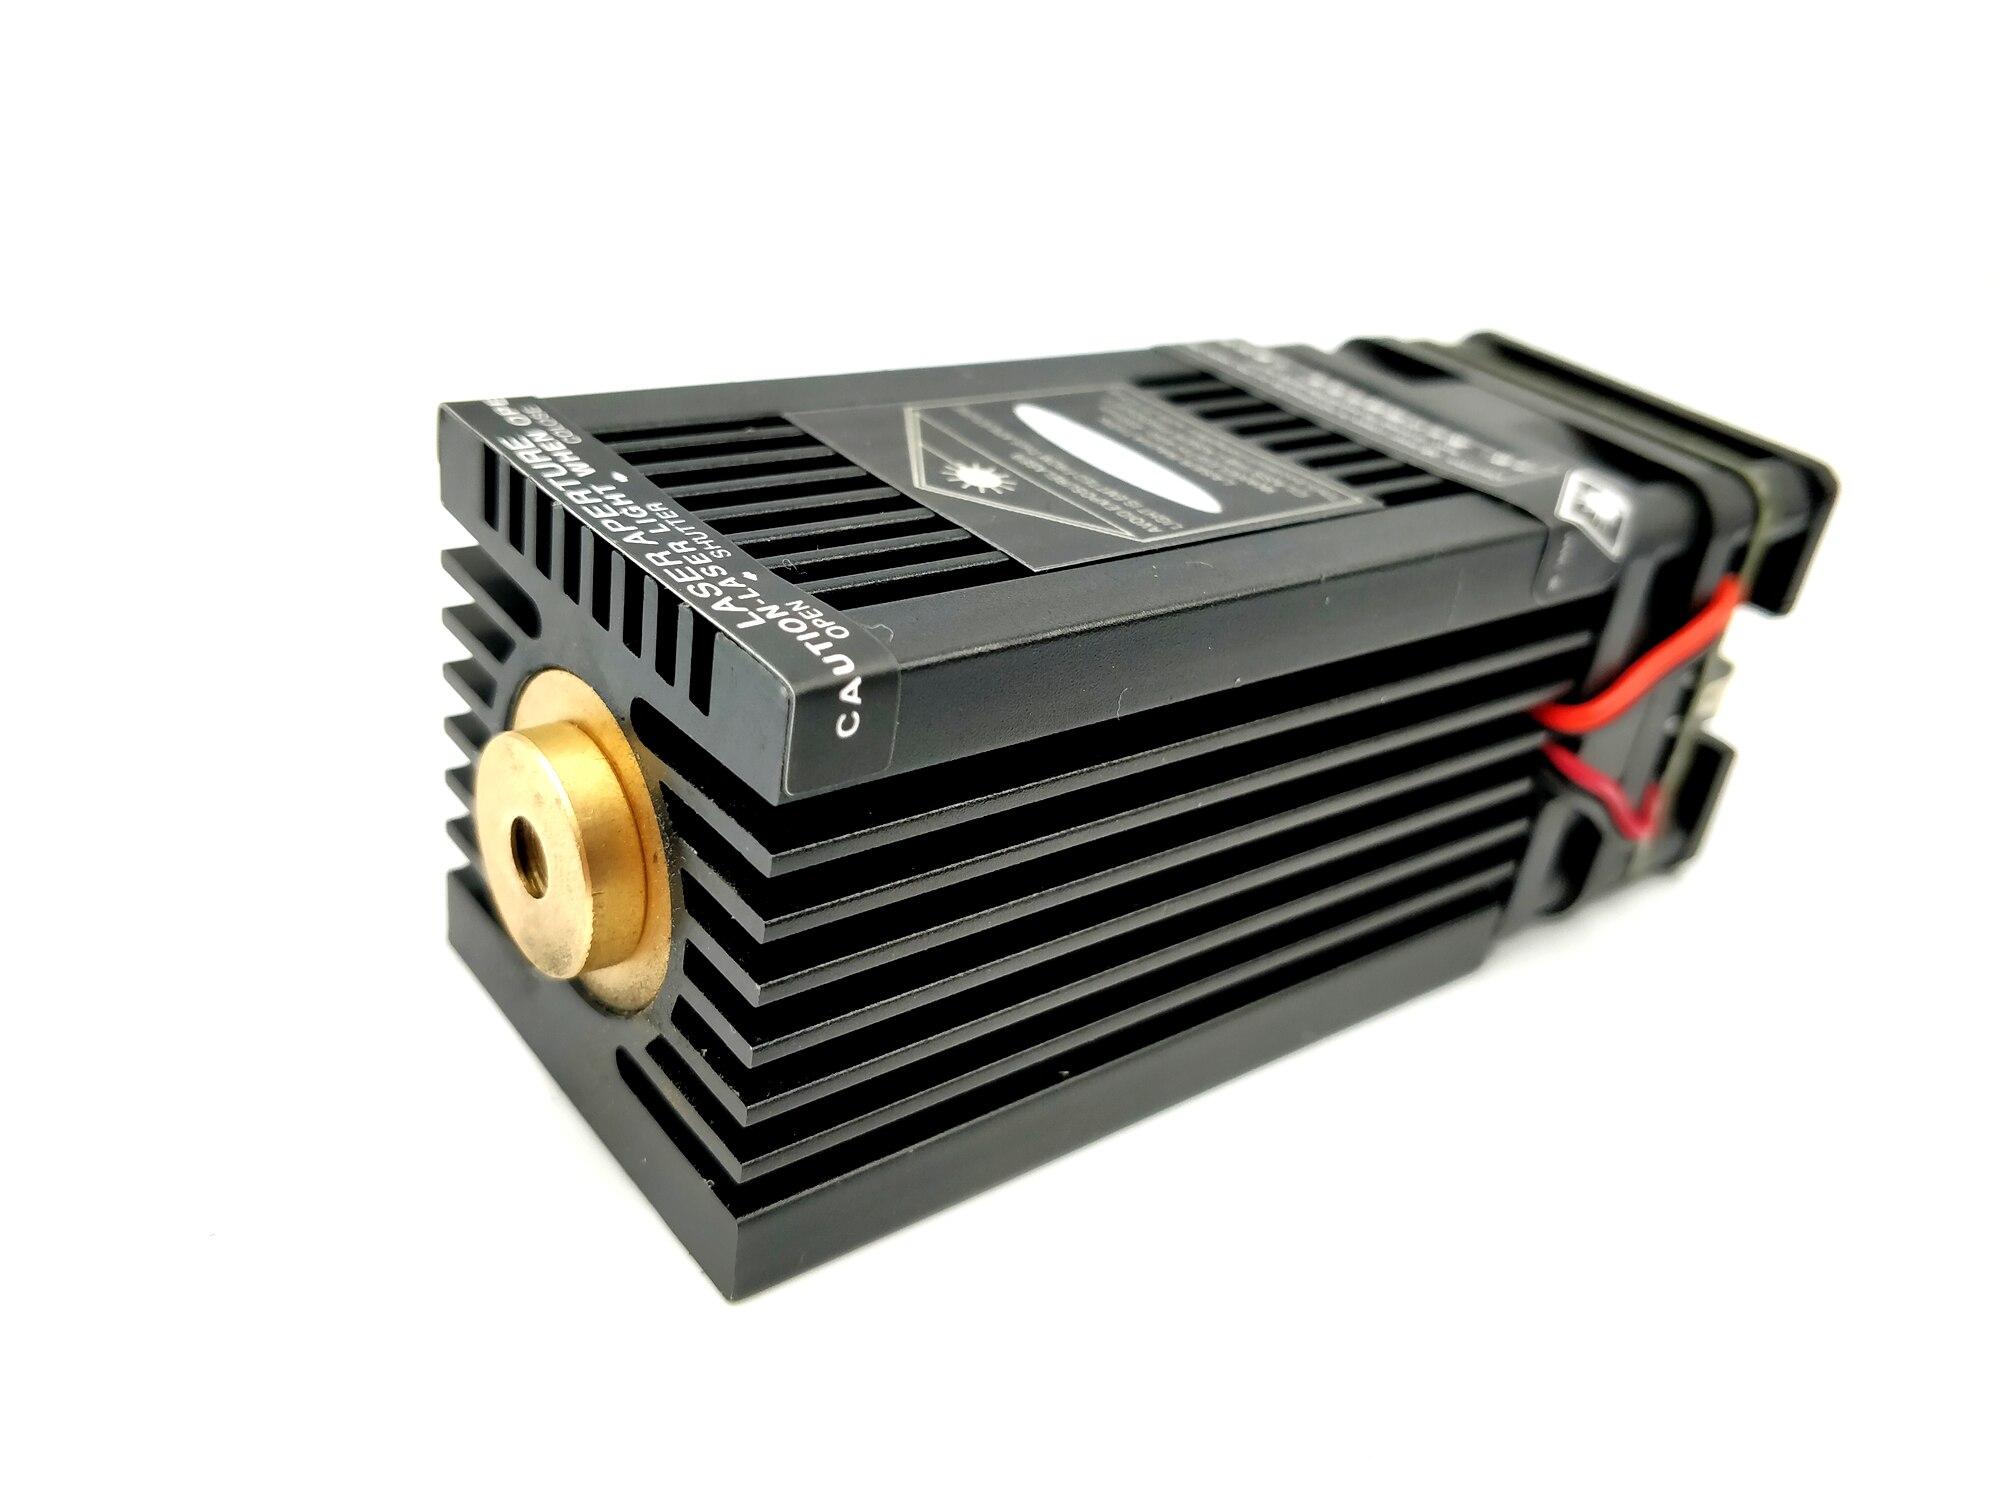 SAM laser gratuit haute puissance vrai 15W 15000mW 445nm 450nm Module de blueLaser focalisable Laser graveur partie bricolage tête Laser avec pwm/TTL